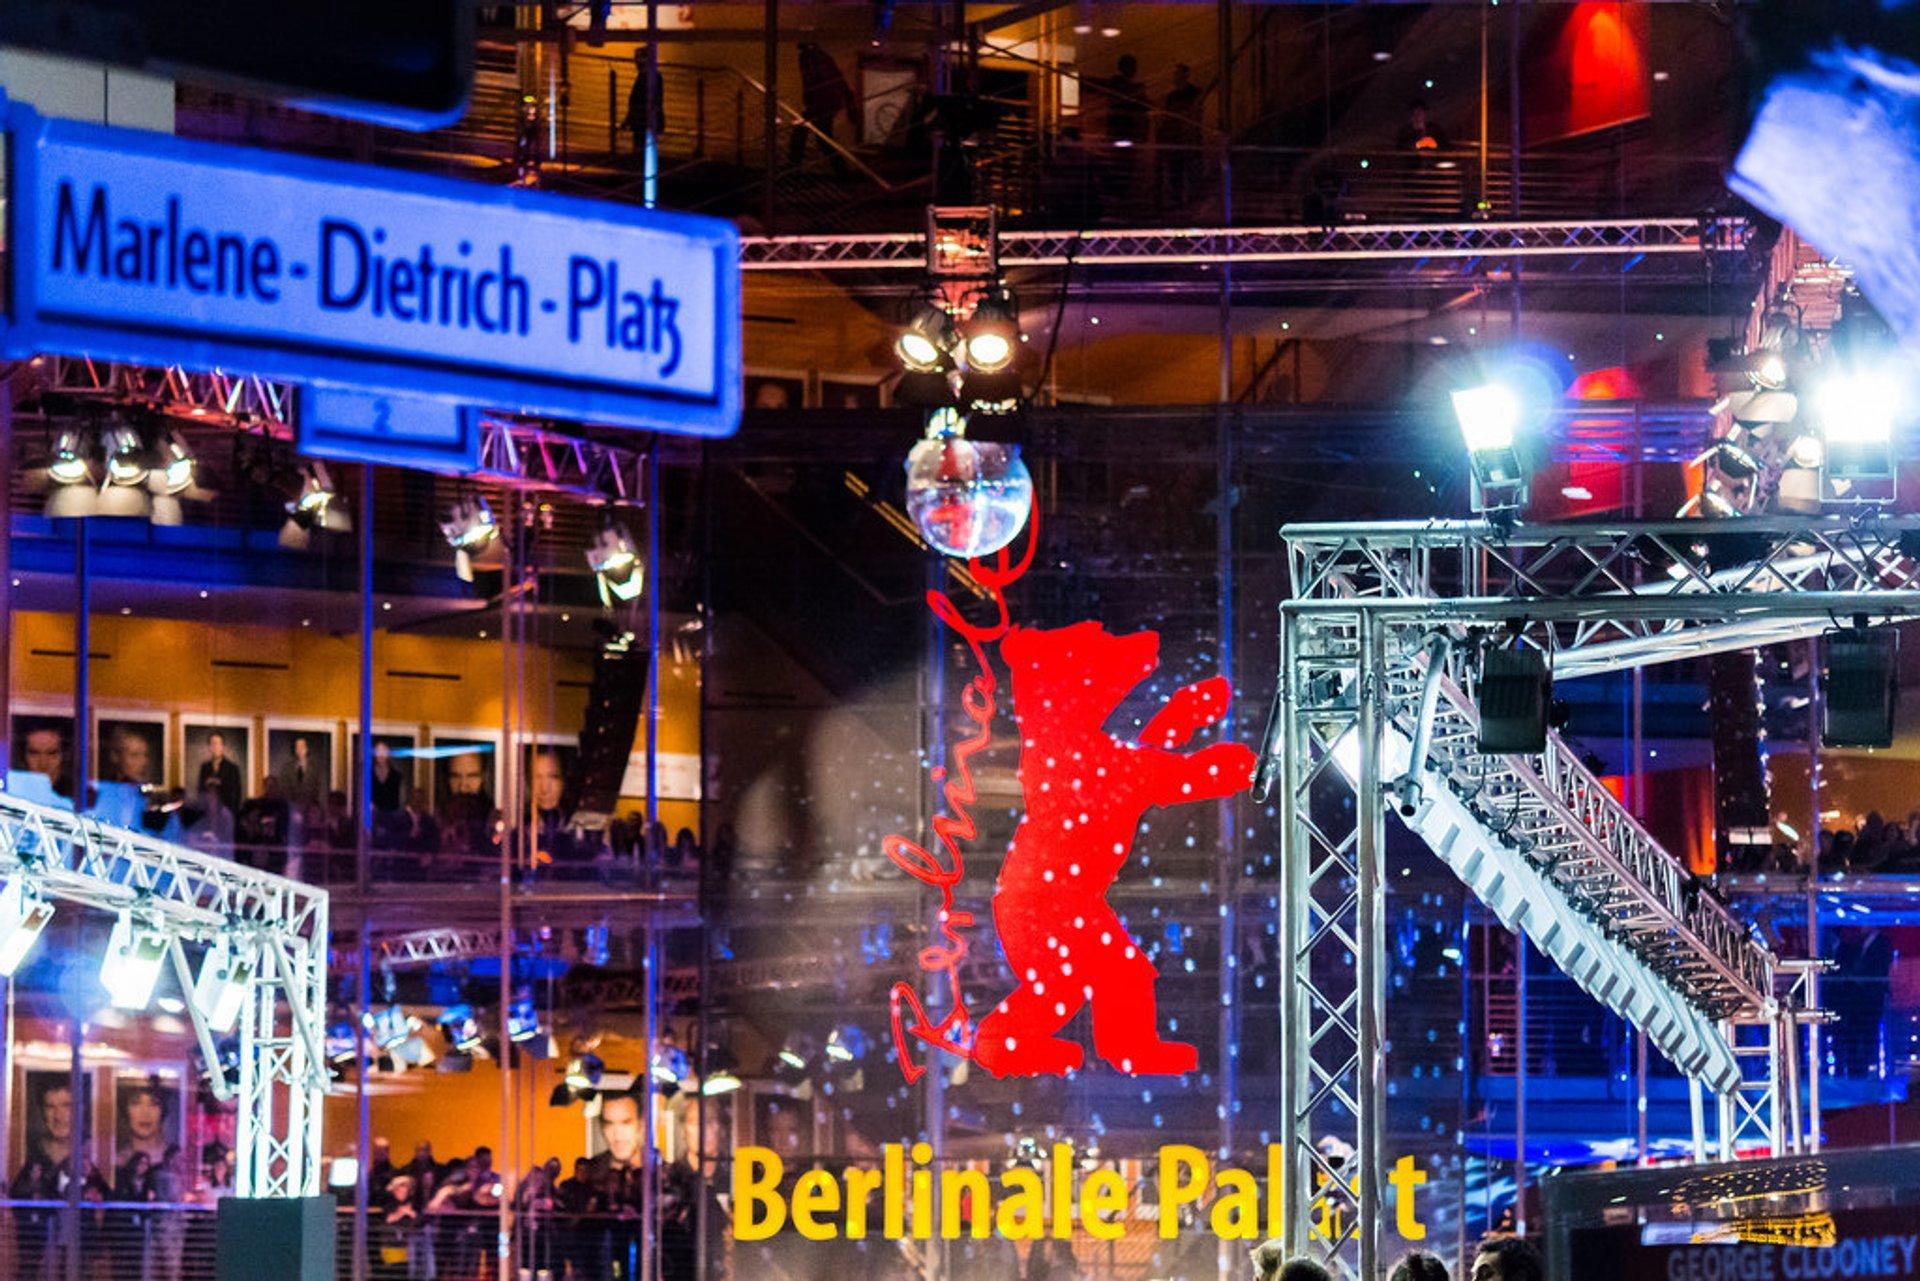 Berlinale—Berlin International Film Festival in Berlin 2019 - Best Time